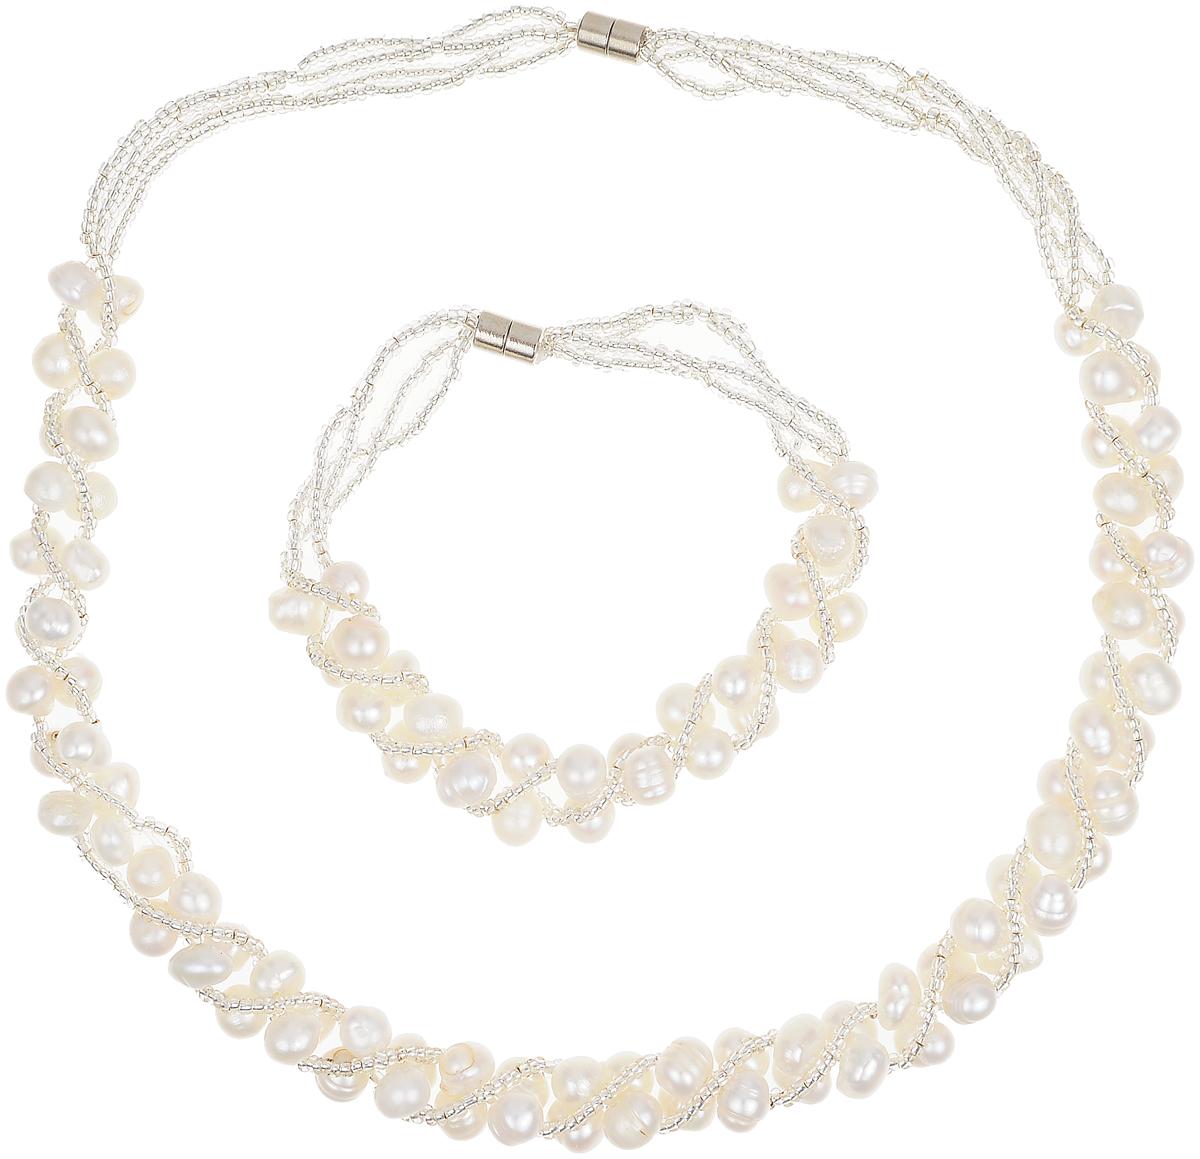 Комплект бижутерии Art-Silver: ожерелье, браслет, цвет: белый. N059-725N059-725Великолепный комплект бижутерии Art-Silver состоит из оригинального ожерелья и браслета. Изделия выполнены из бижутерного сплава, жемчуга и бисера. Ожерелье оформлено бусинами, застегивается на магнитный замок. Браслет так же оформлен бусинами и застегивается на магнитный замок.